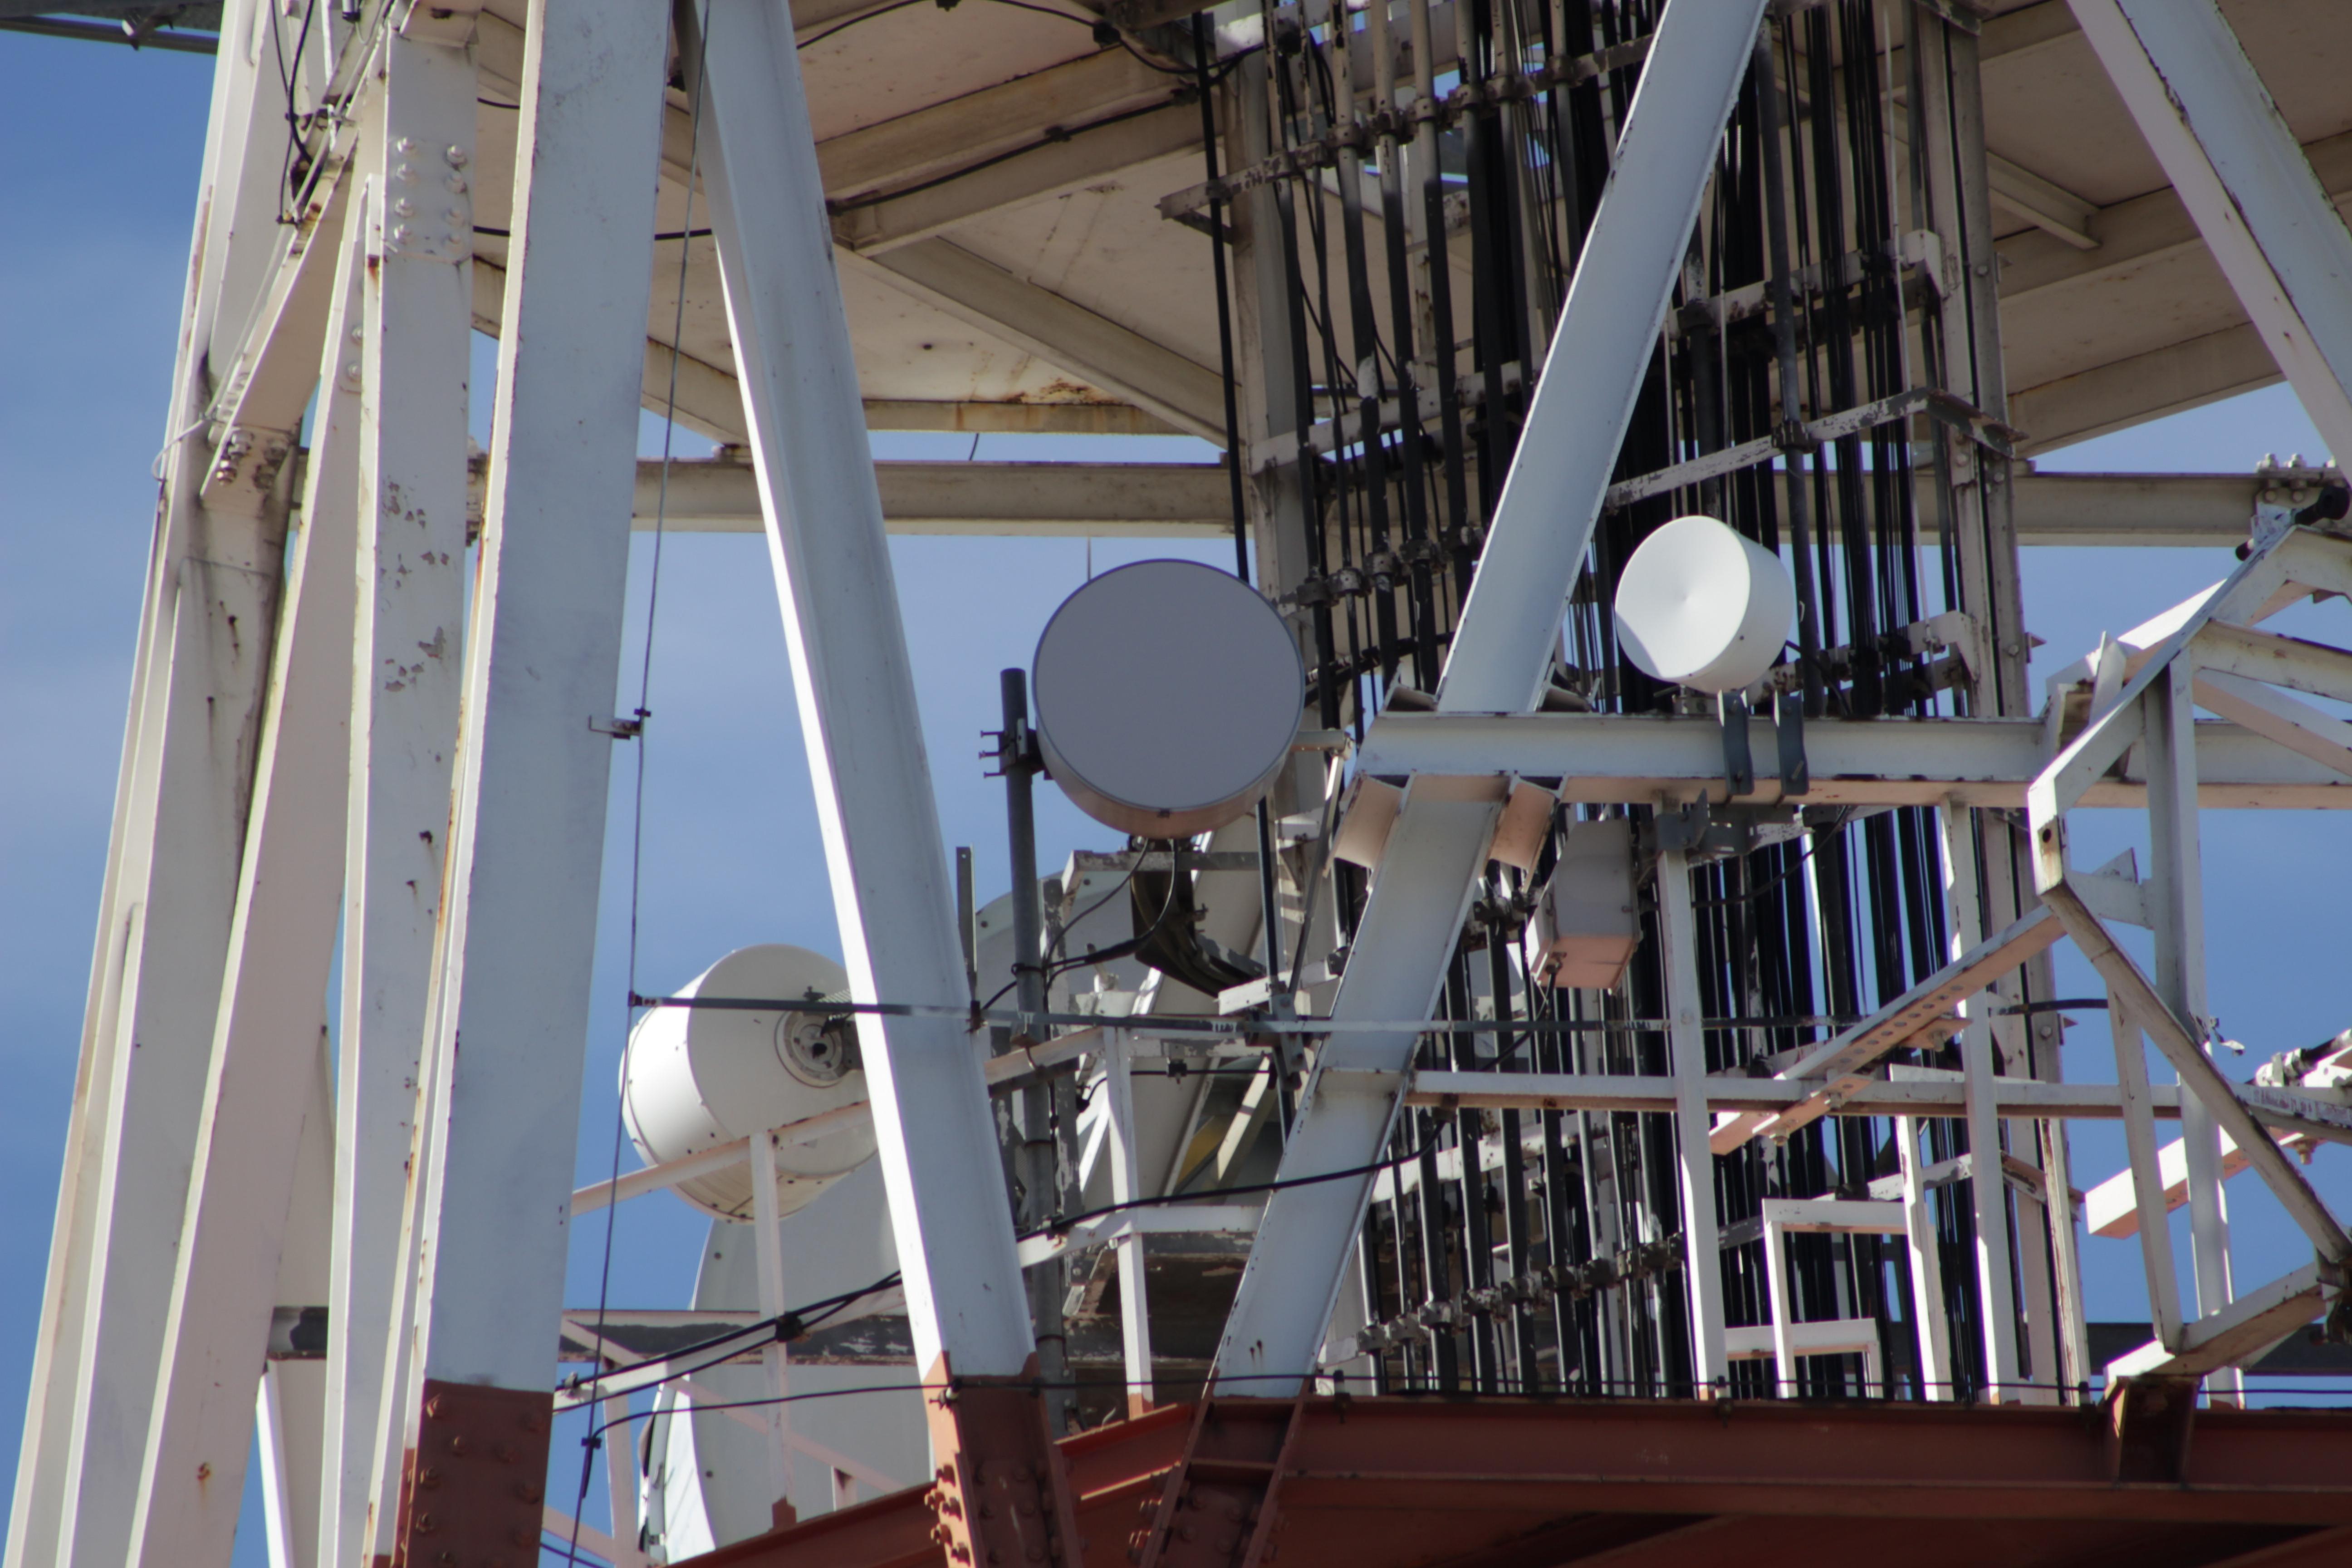 Radioenlaces de 18 Ghz punto a punto con radomos de protecci&amp